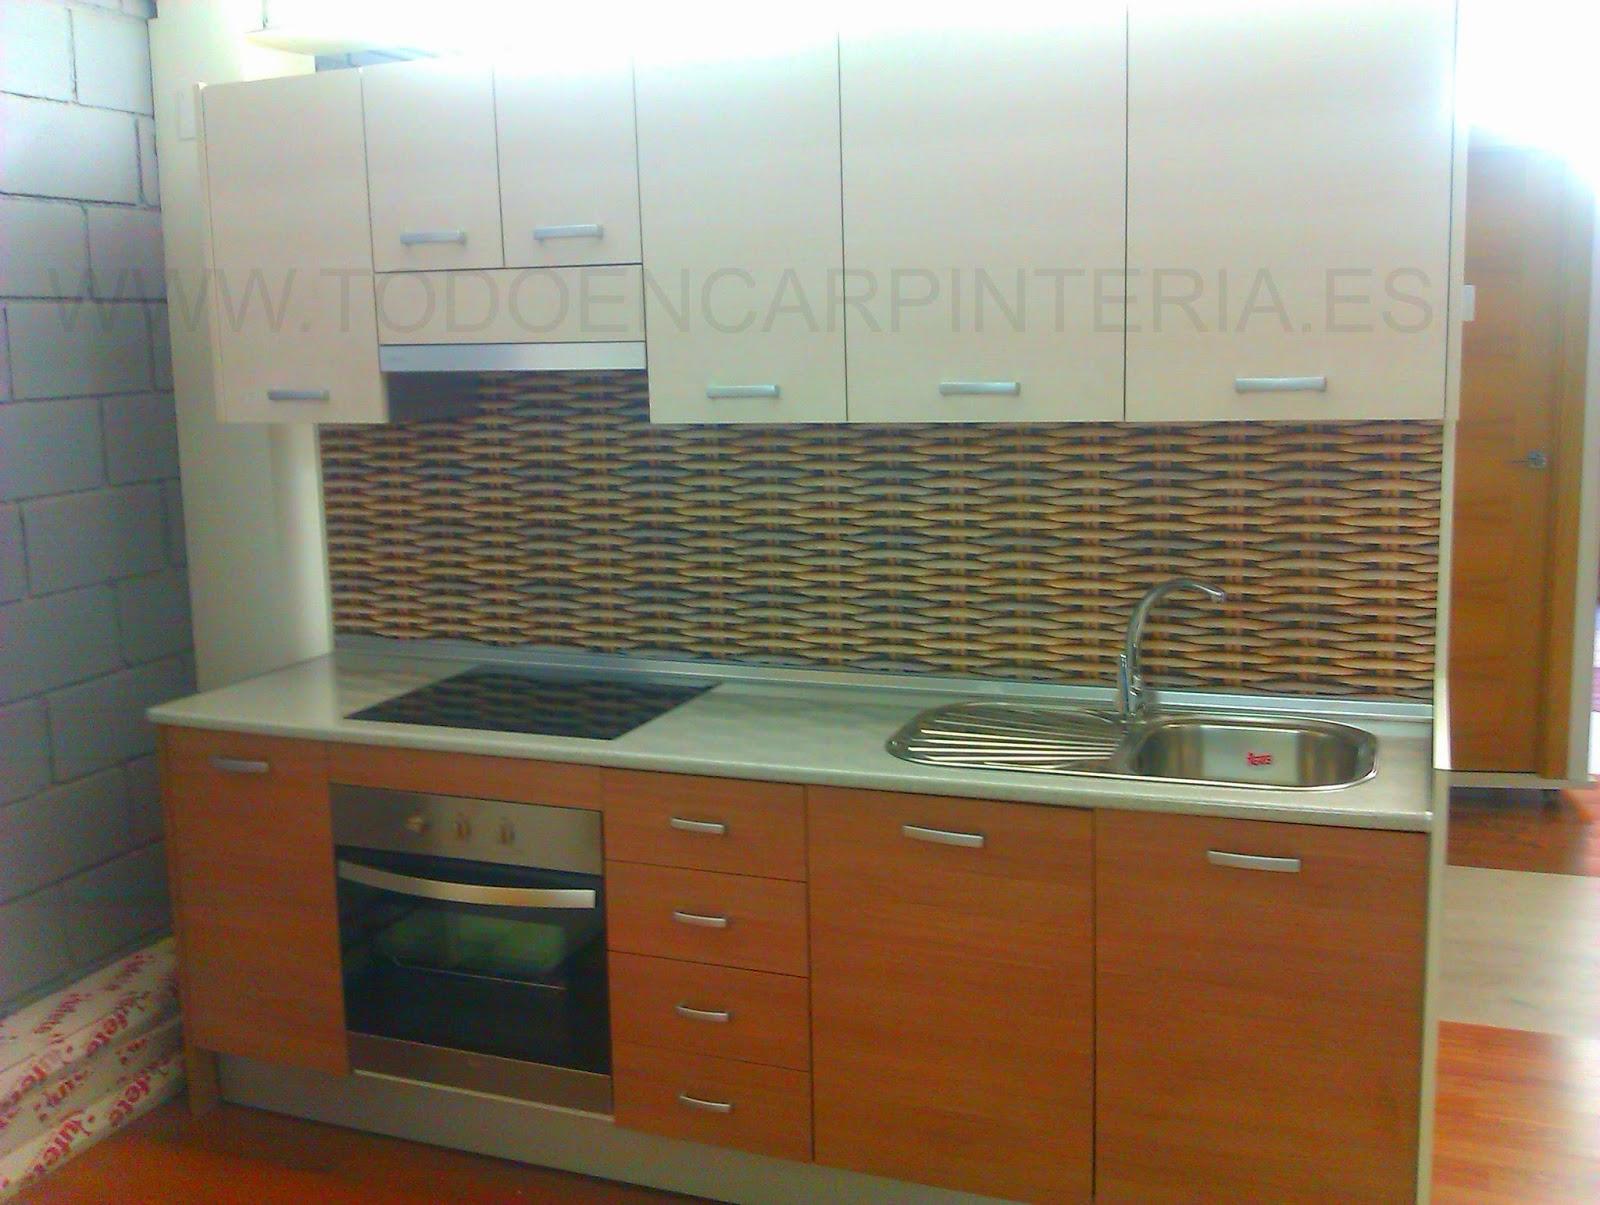 Muebles de cocina funcionales todo en carpinter a for Muebles de cocina funcionales